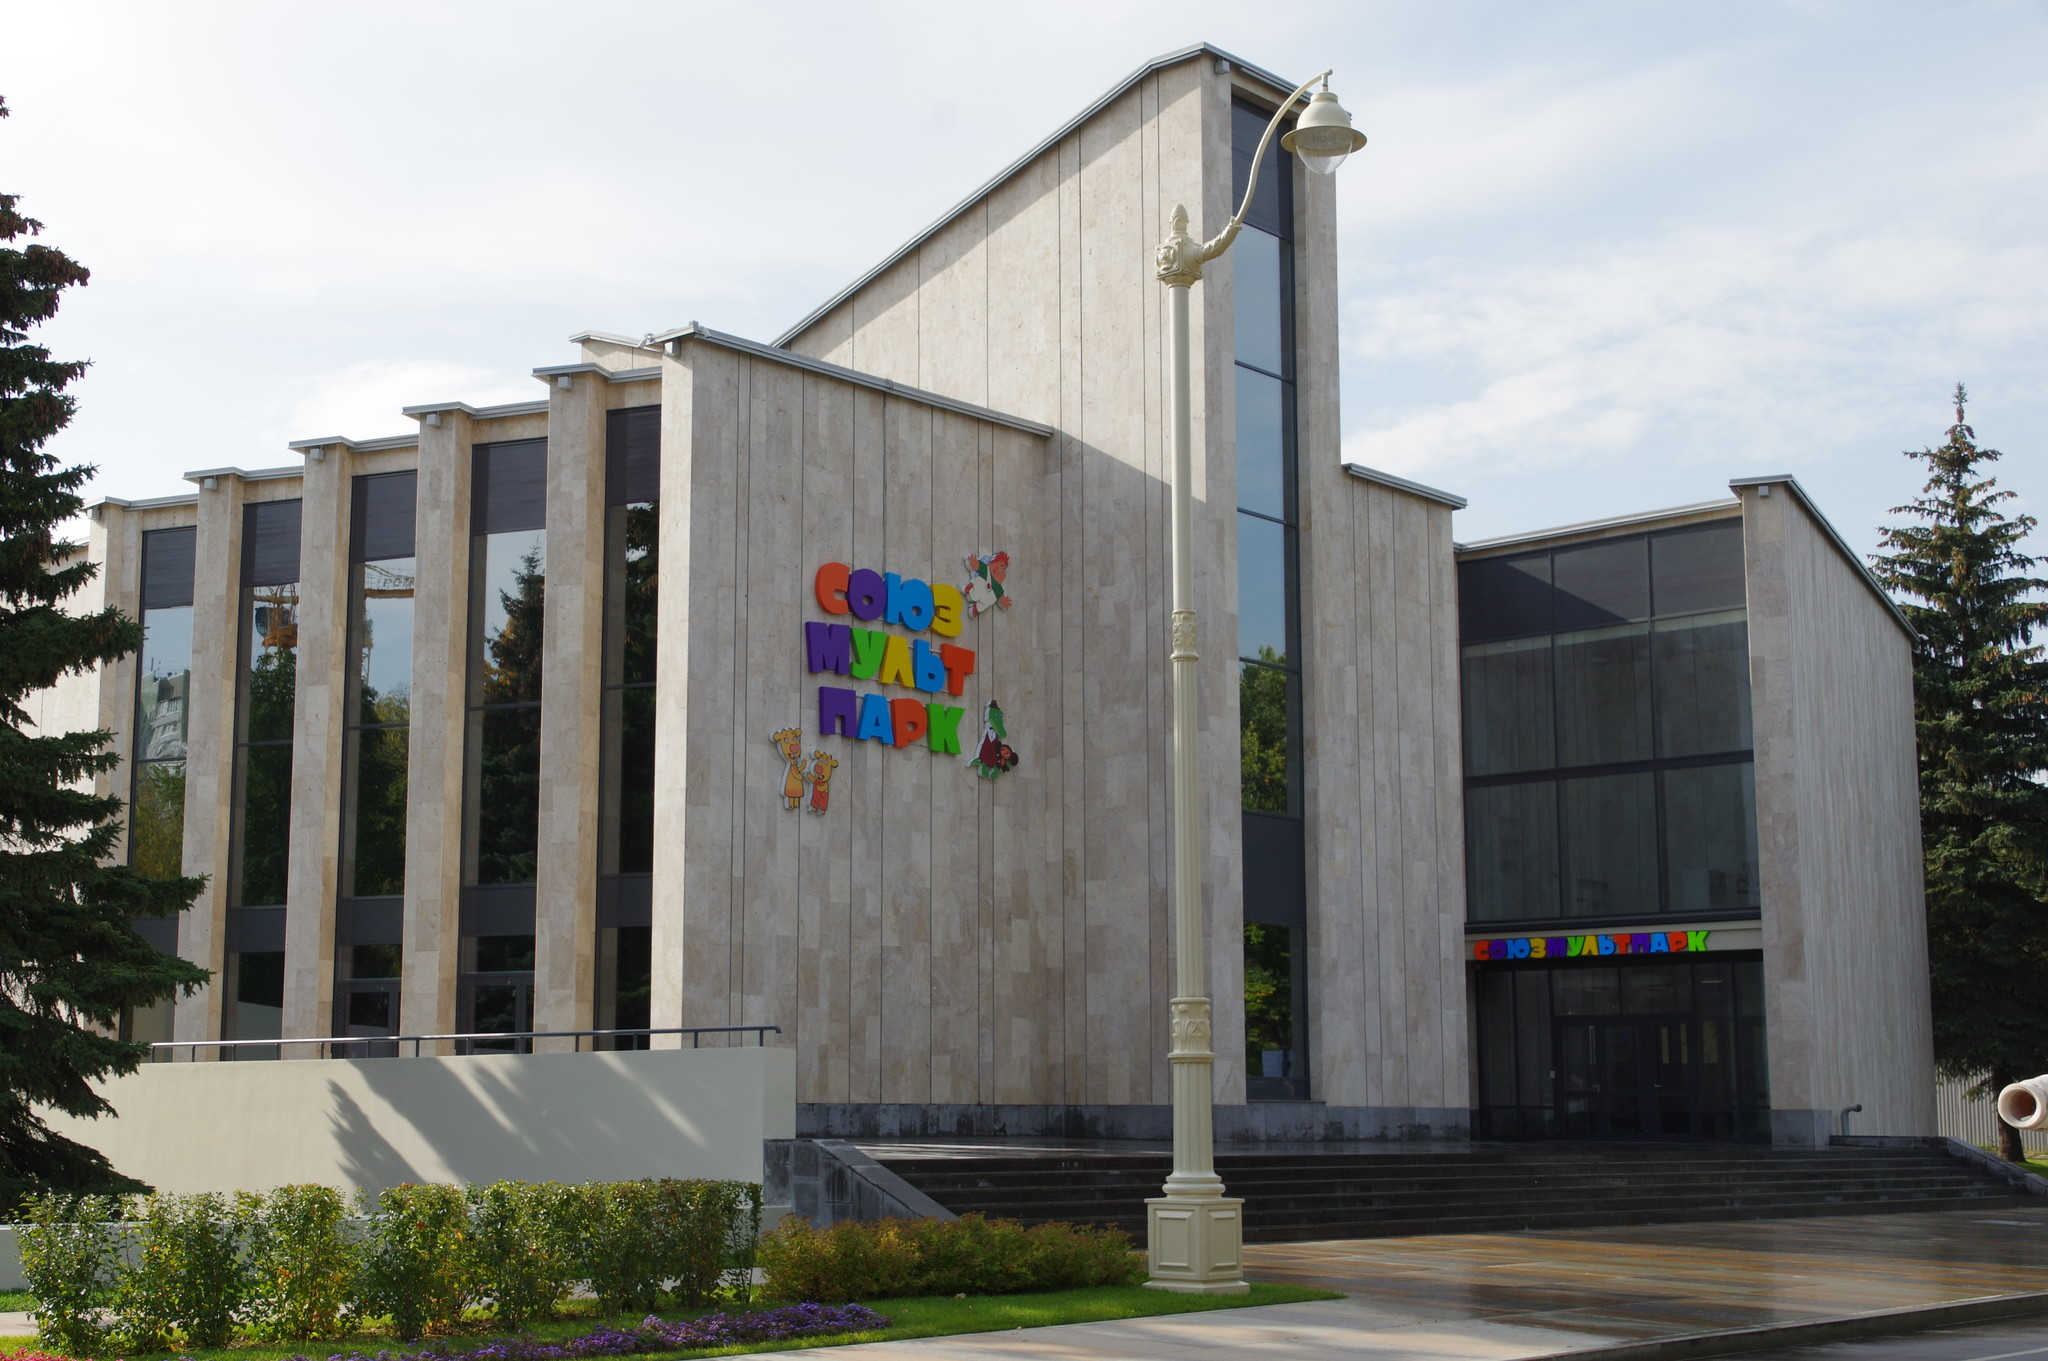 Мультимедийный парк киностудии «Союзмультфильм» (павильон № 7 «Смена») на ВДНХ